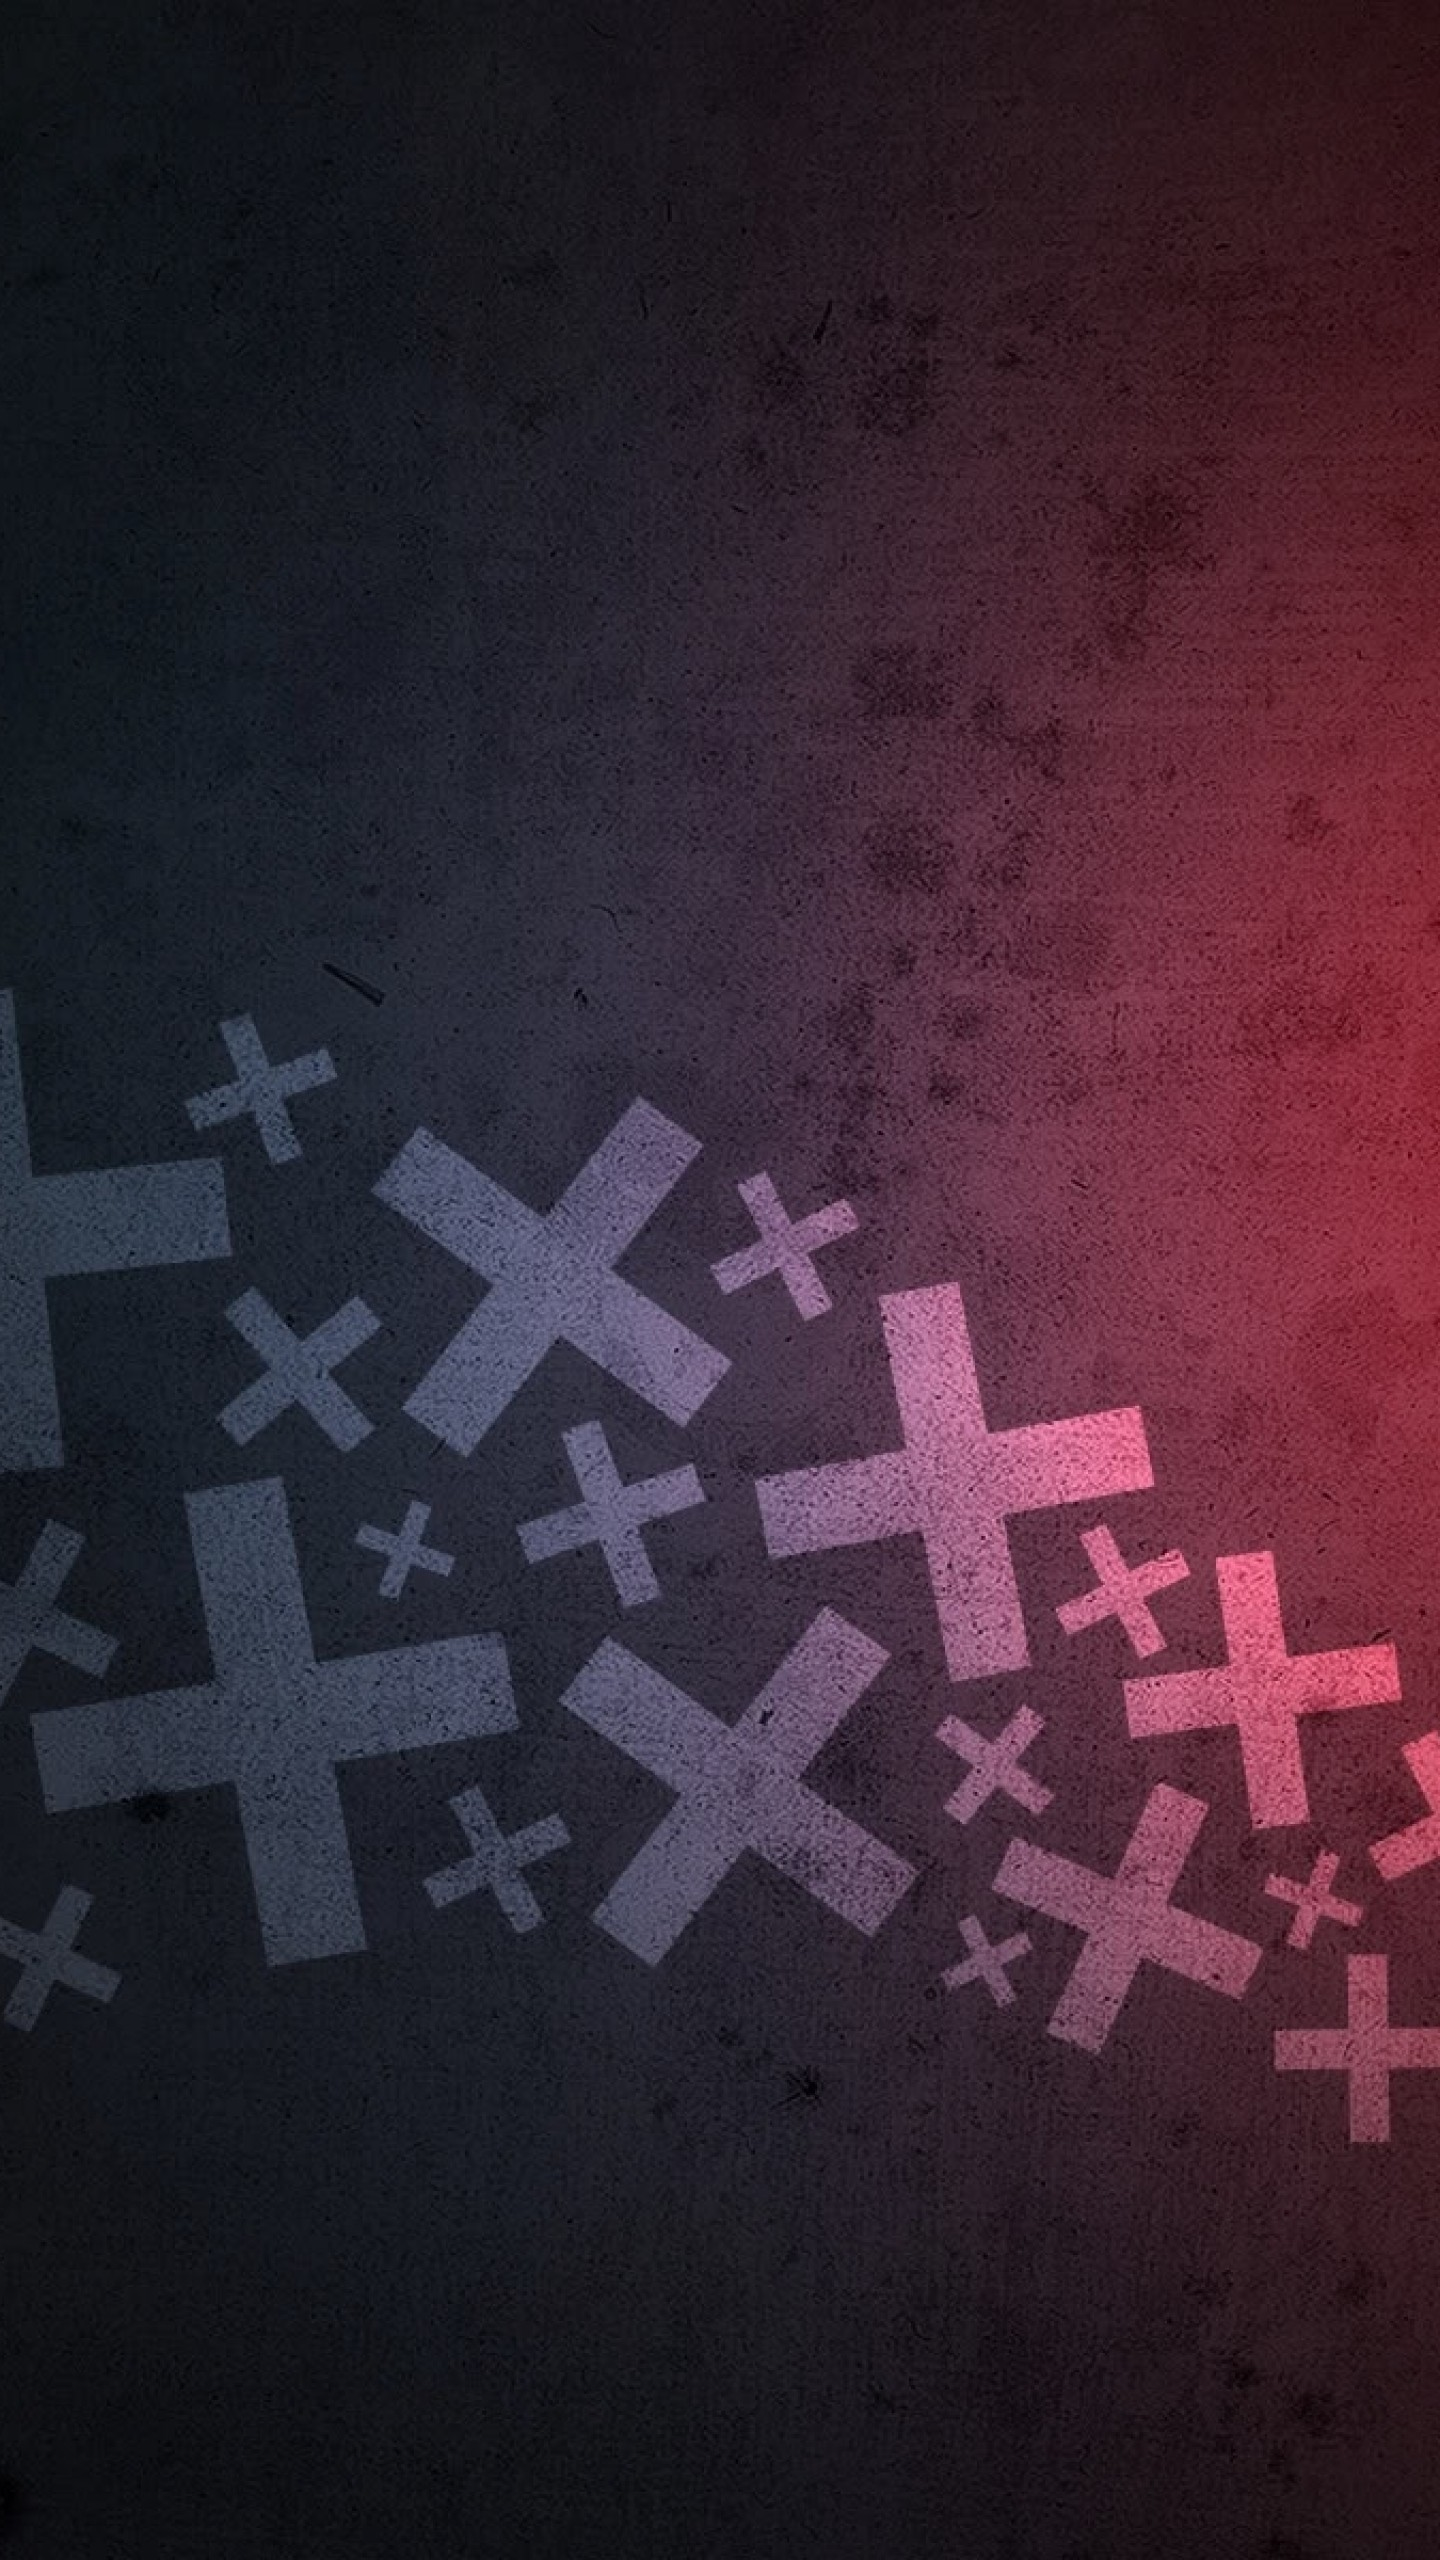 Wallpaper cross, surface, shadow, light